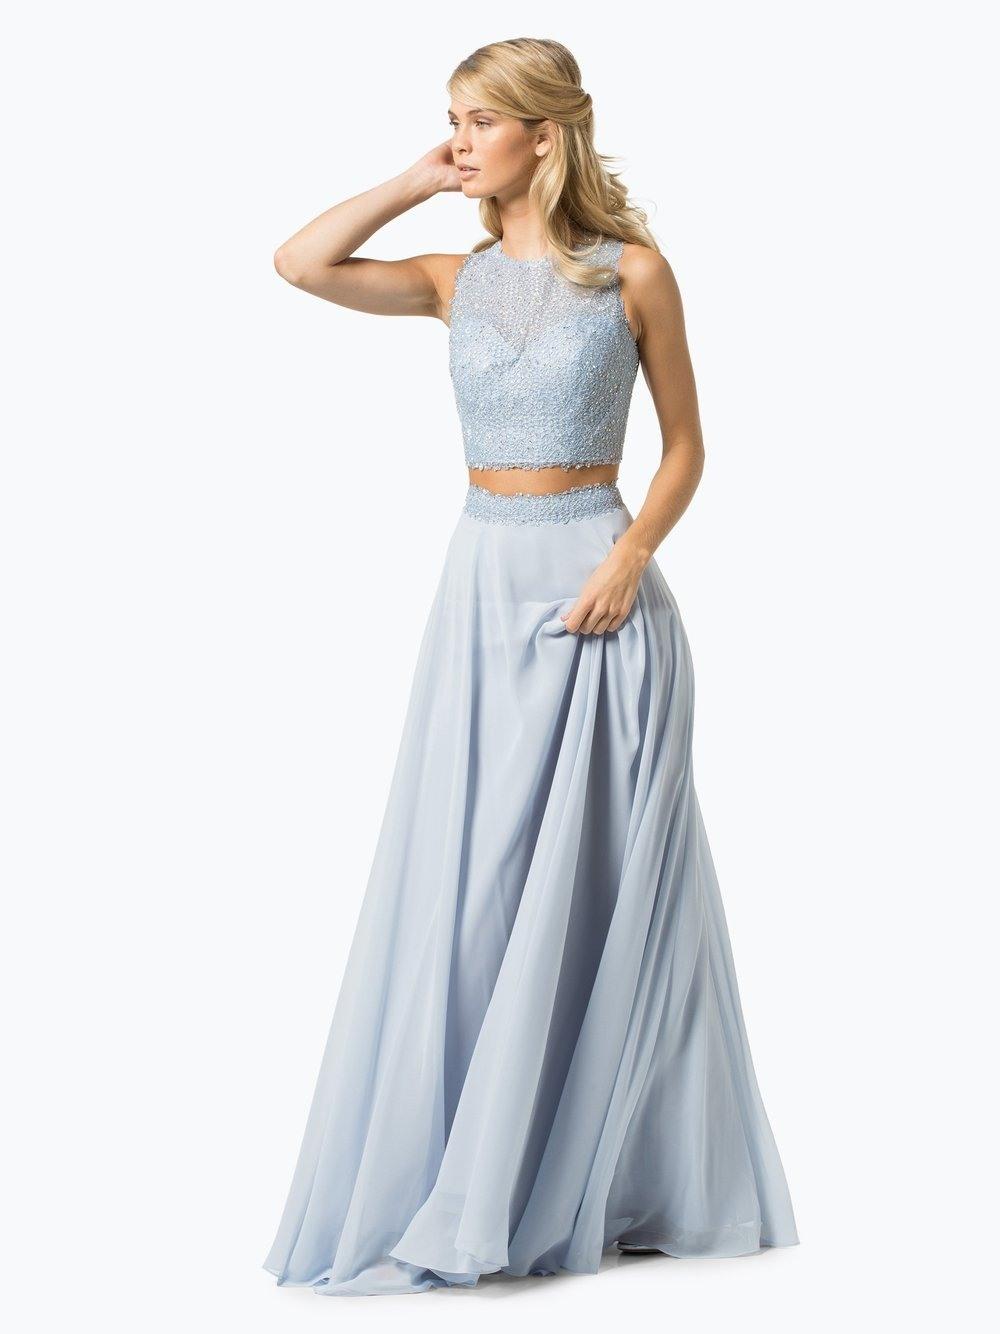 13 Schön Abendkleid Zweiteilig Bauchfrei Design - Abendkleid